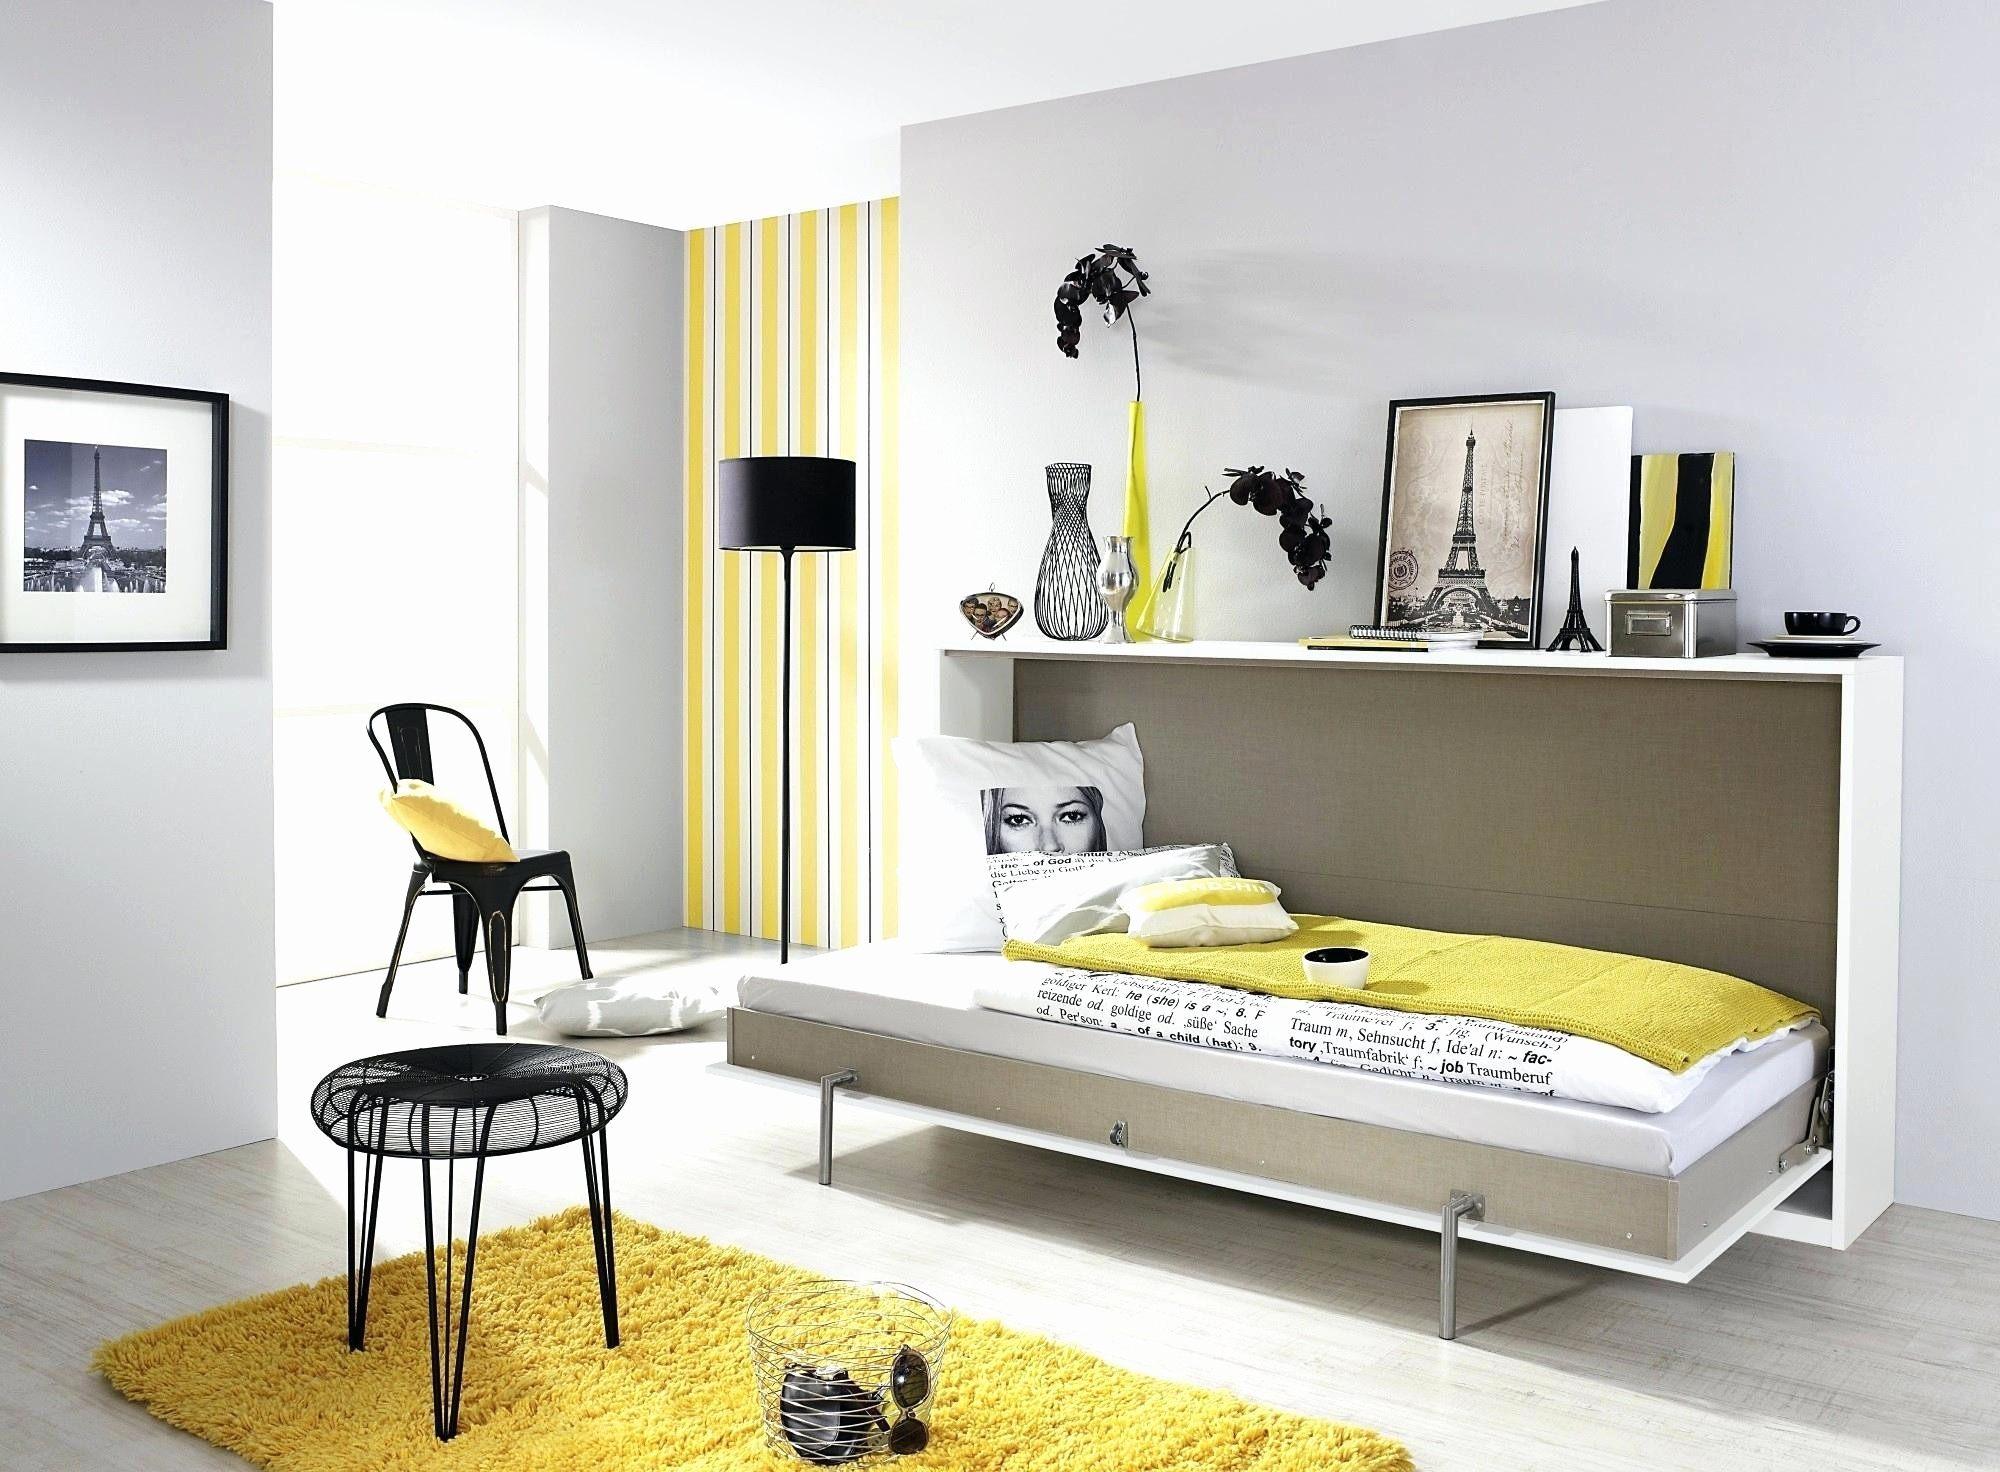 Lit Coffre Pas Cher 160×200 Inspirant Lit Coffre Conforama 160—200 Nouveau Lit Design Led 160—200 Lit 160